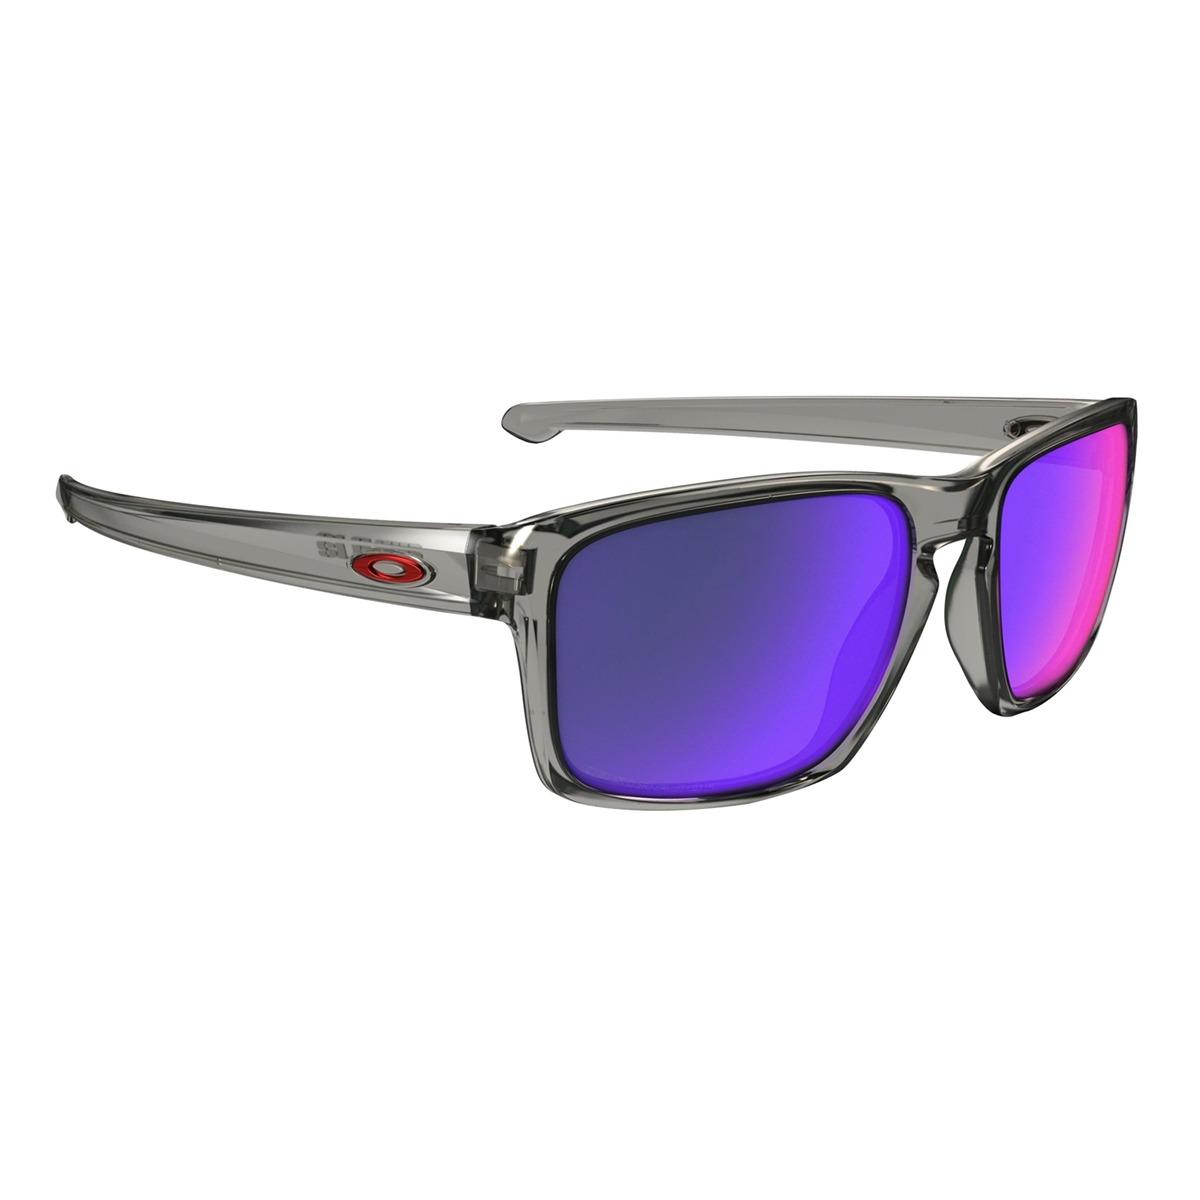 52df61031508d óculos oakley sliver smoke polarizado cinza. Carregando zoom.